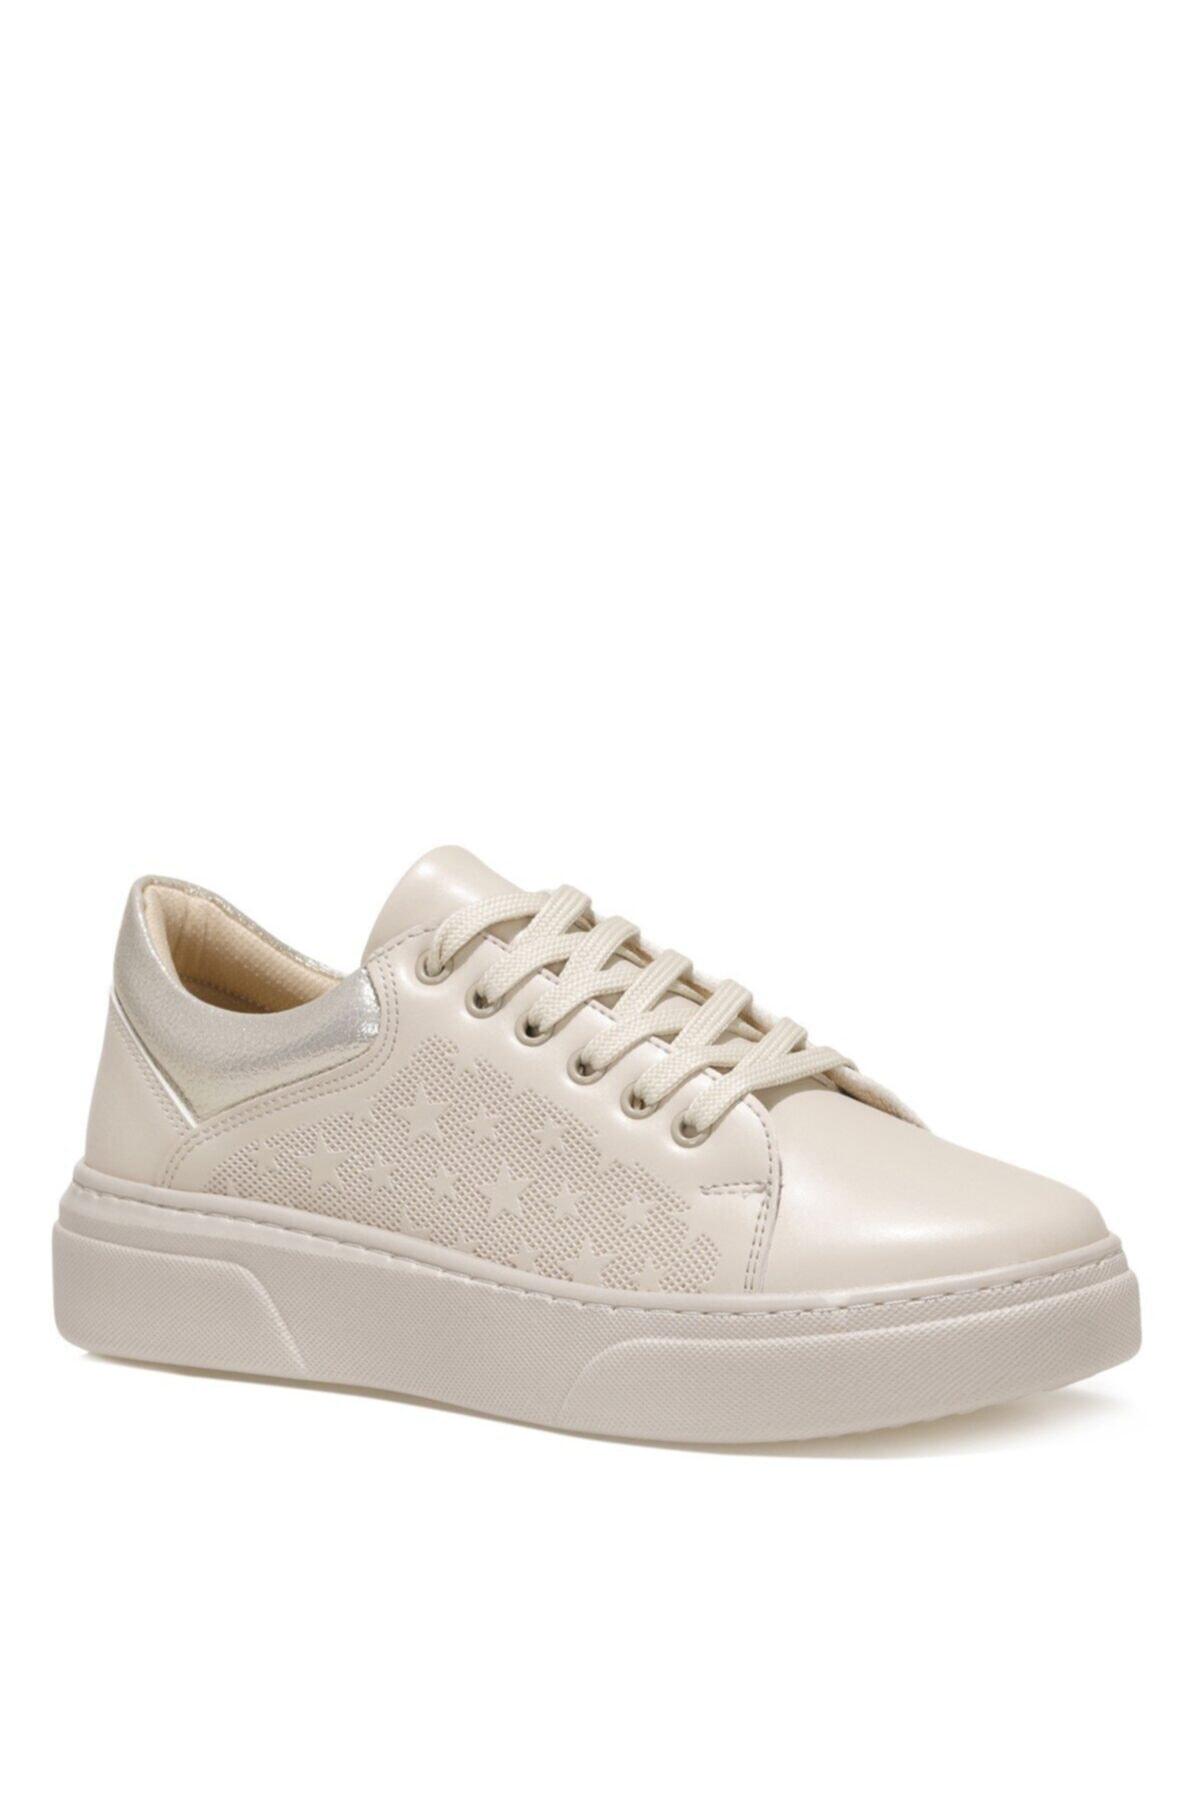 İnci LIO.Z 1FX Bej Kadın Sneaker 101041709 2